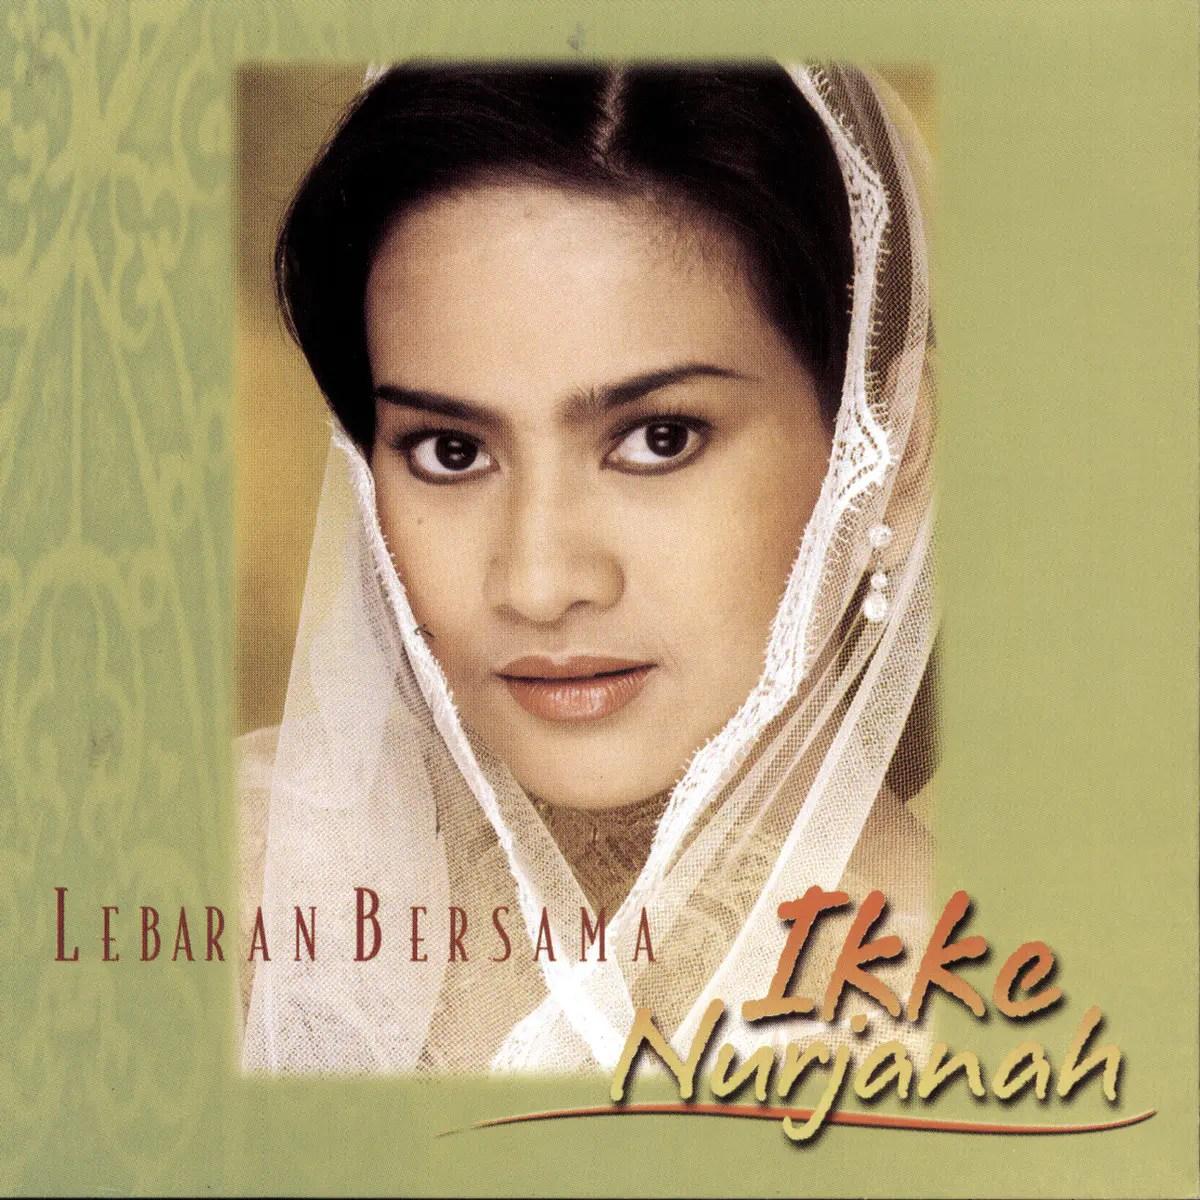 Selamat Hari Lebaran Album Version Mp3 Song Download Lebaran